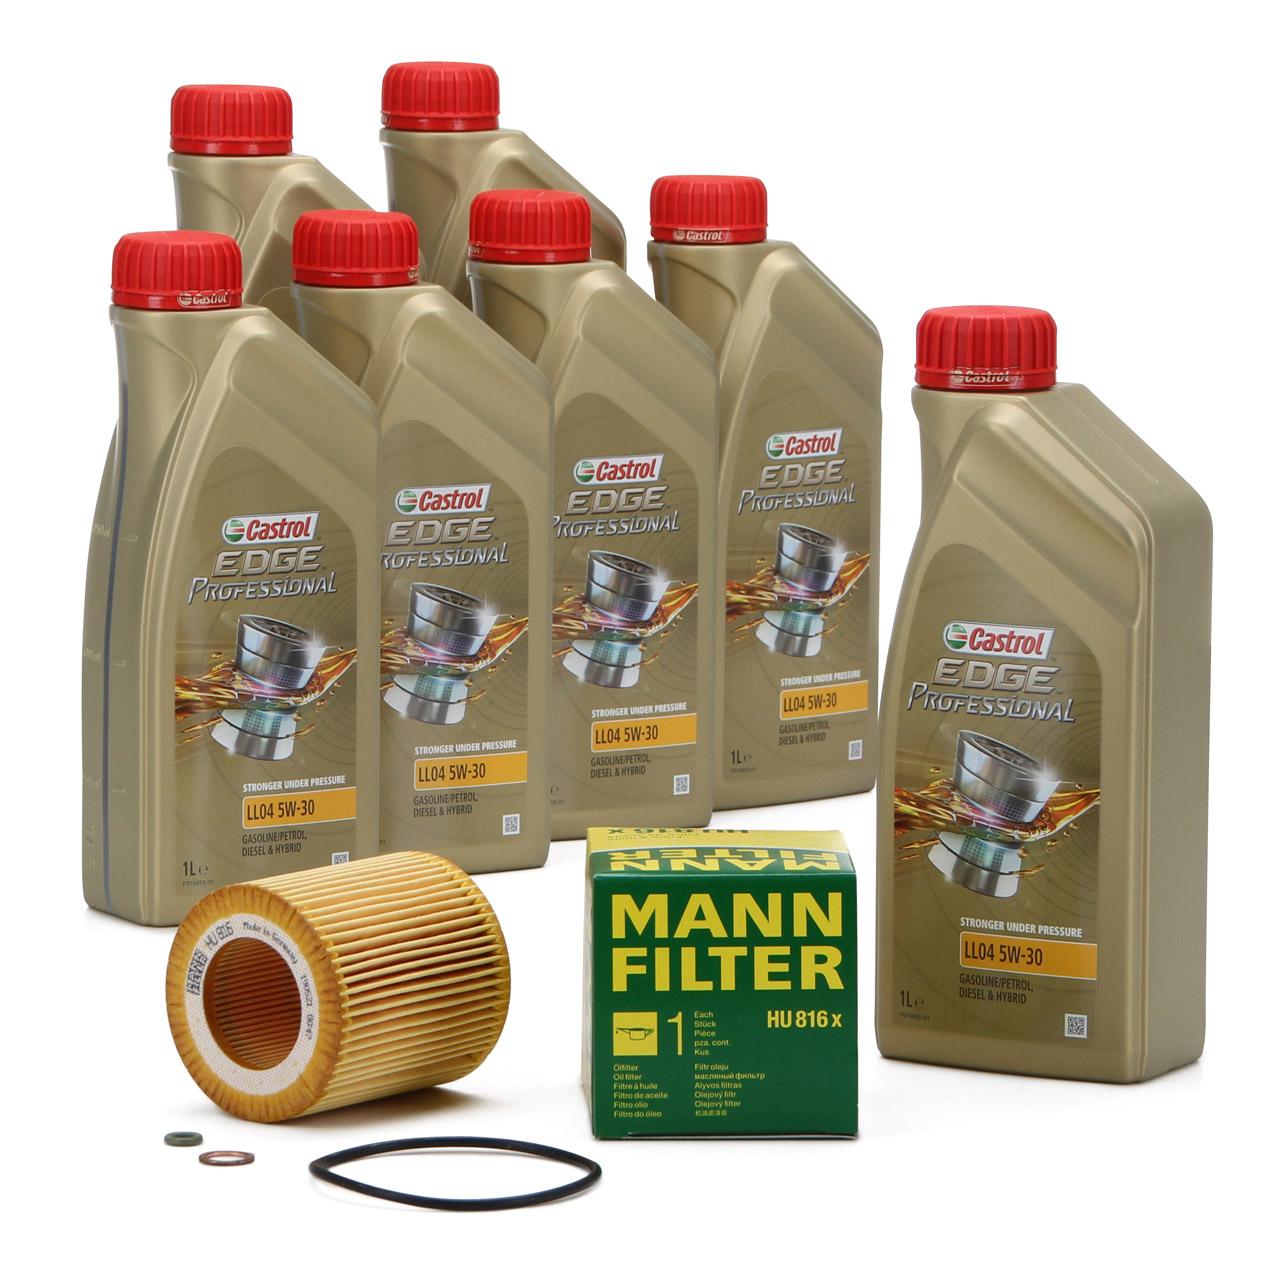 7L CASTROL EDGE Professional Motoröl Öl LL04 5W-30 + MANN Ölfilter HU816x